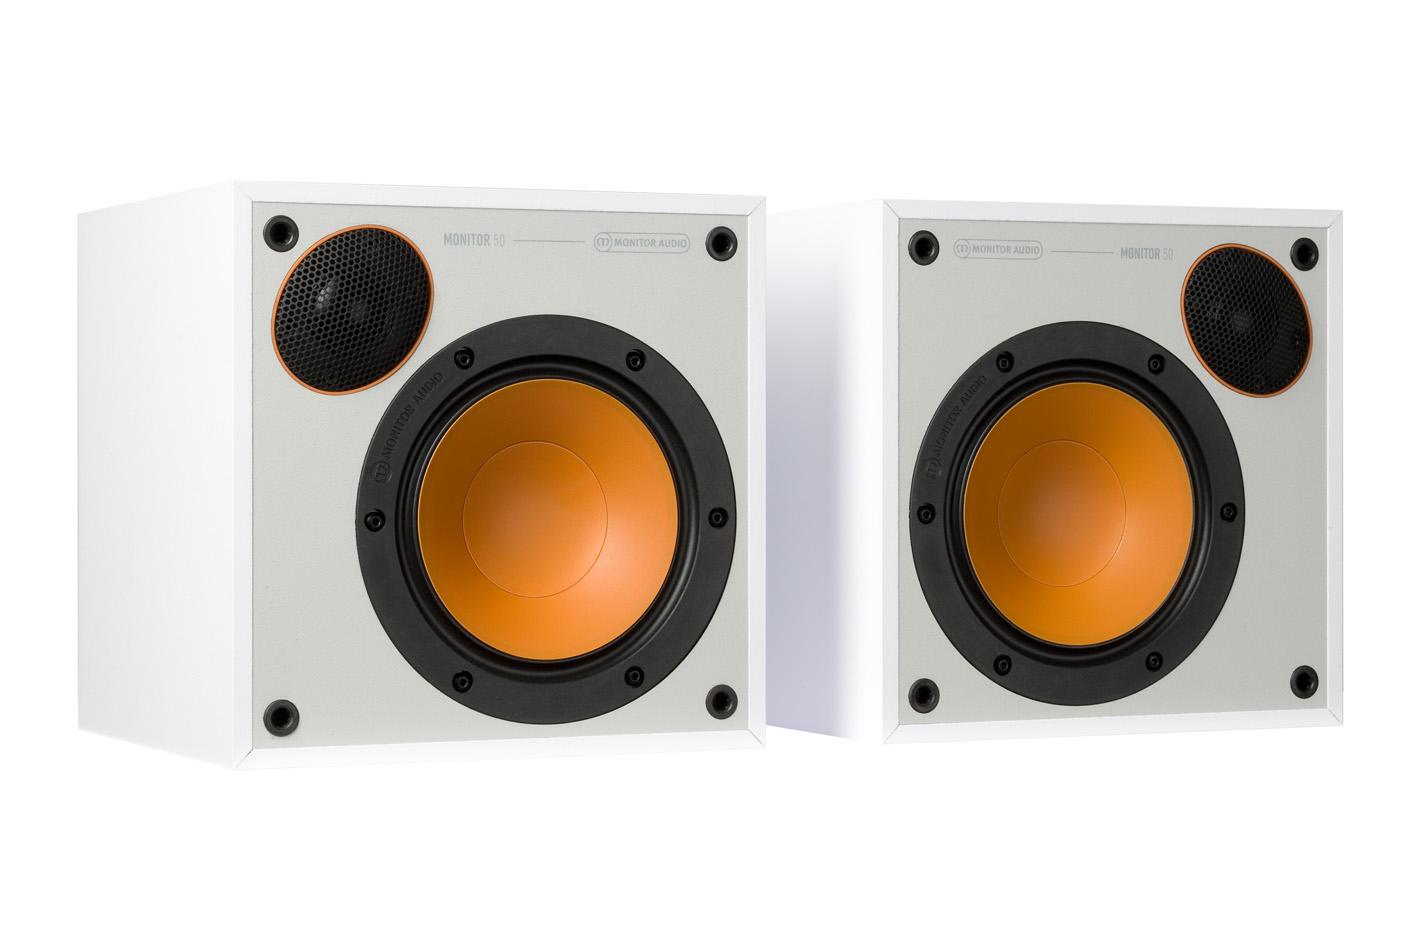 Monitor 50 bijeli par